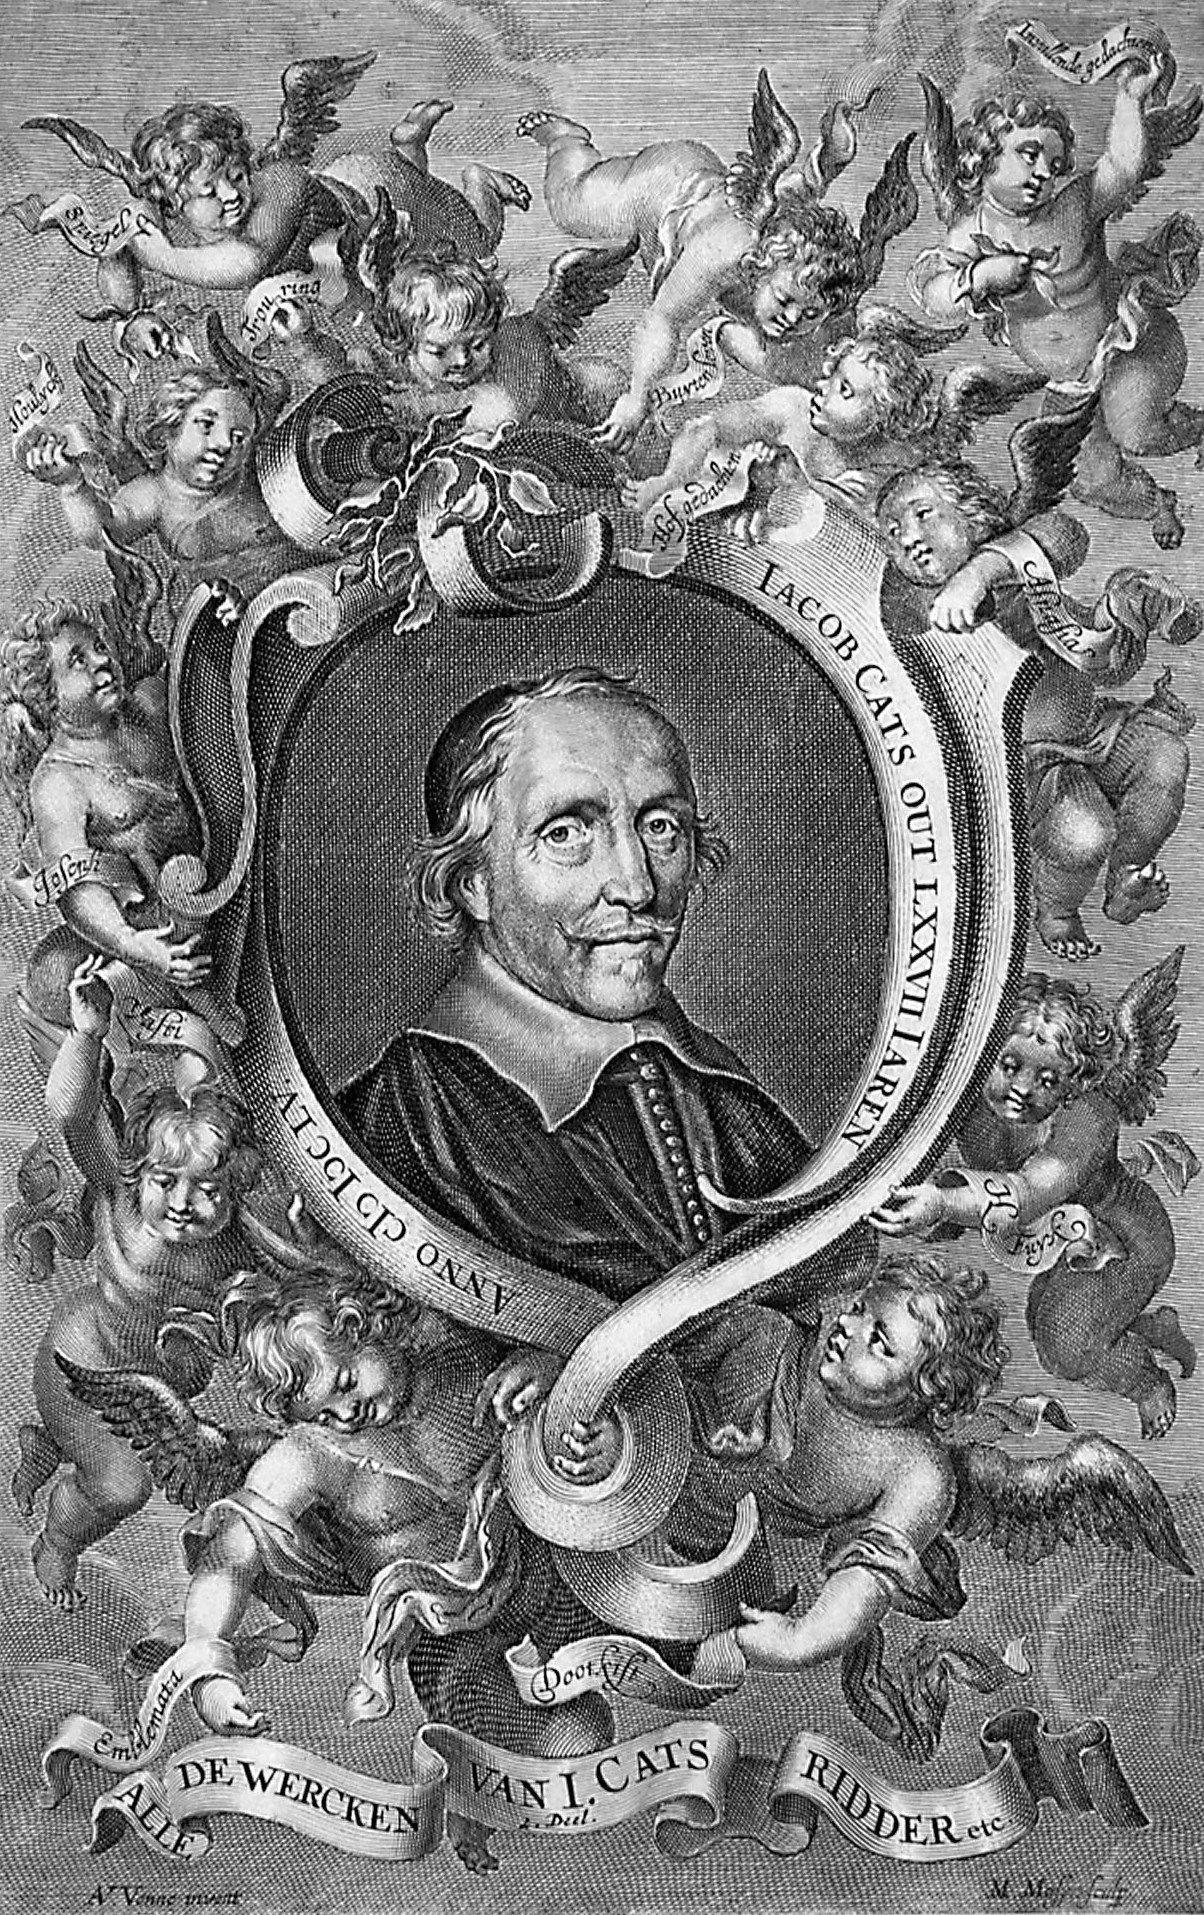 Titelblad (kopergravure) van Alle de wercken, dl. II (Amsterdam/Utrecht 1700). Schilder/tekenaar: Adriaen van de Venne. (Zeeuws Archief, coll. Zeeuws Genootschap, Zelandia Illustrata)